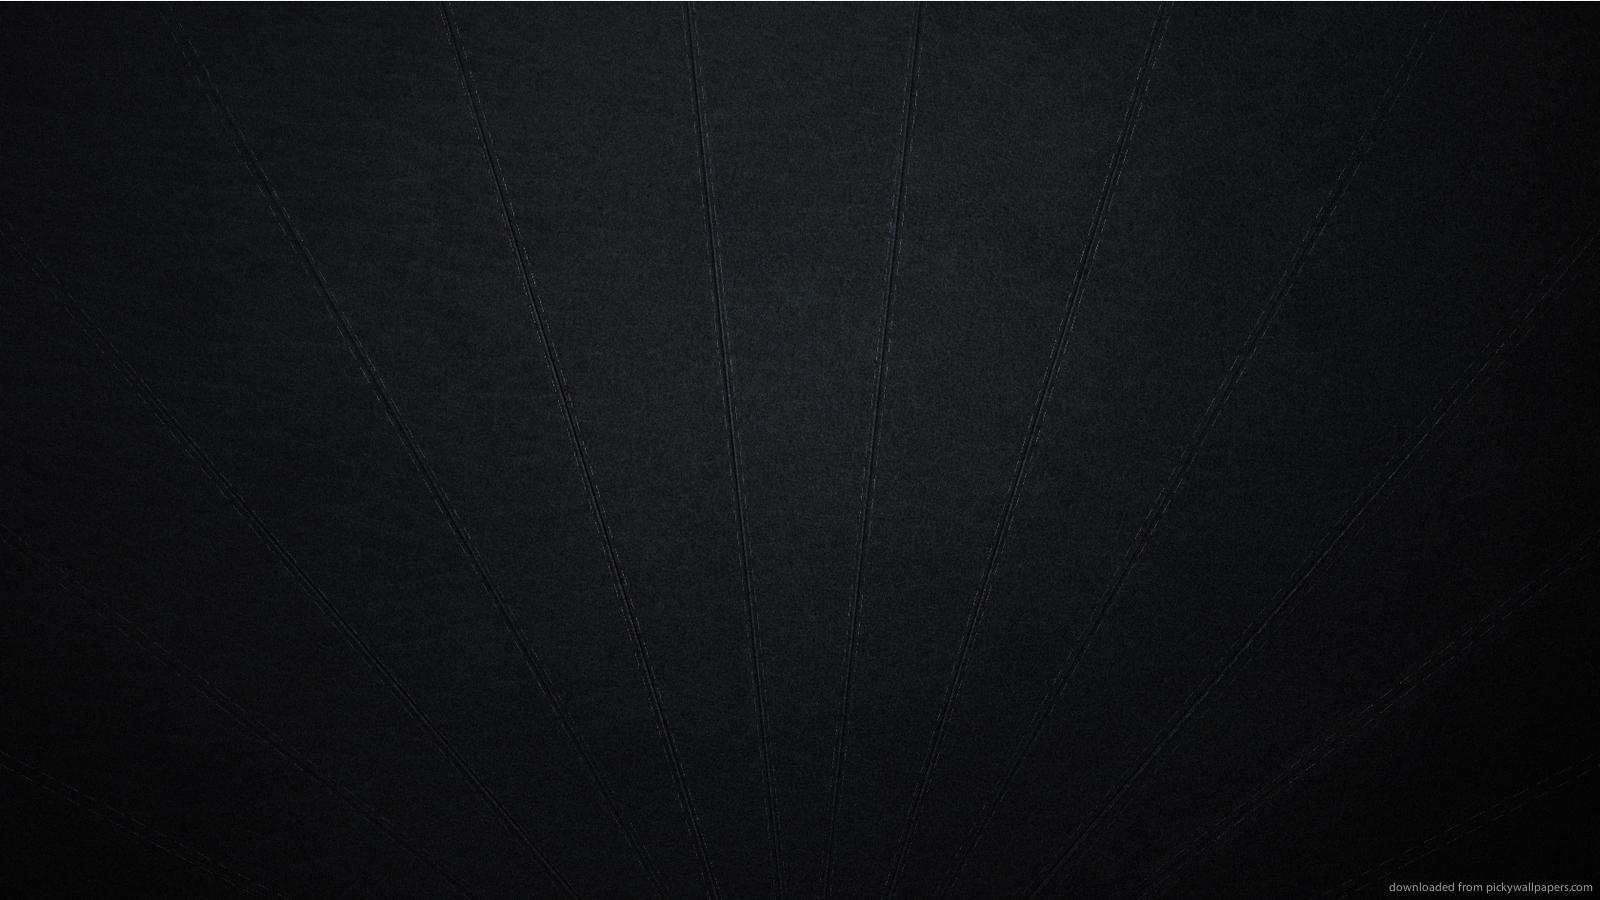 1600x900 black desktop wallpaper - photo #9